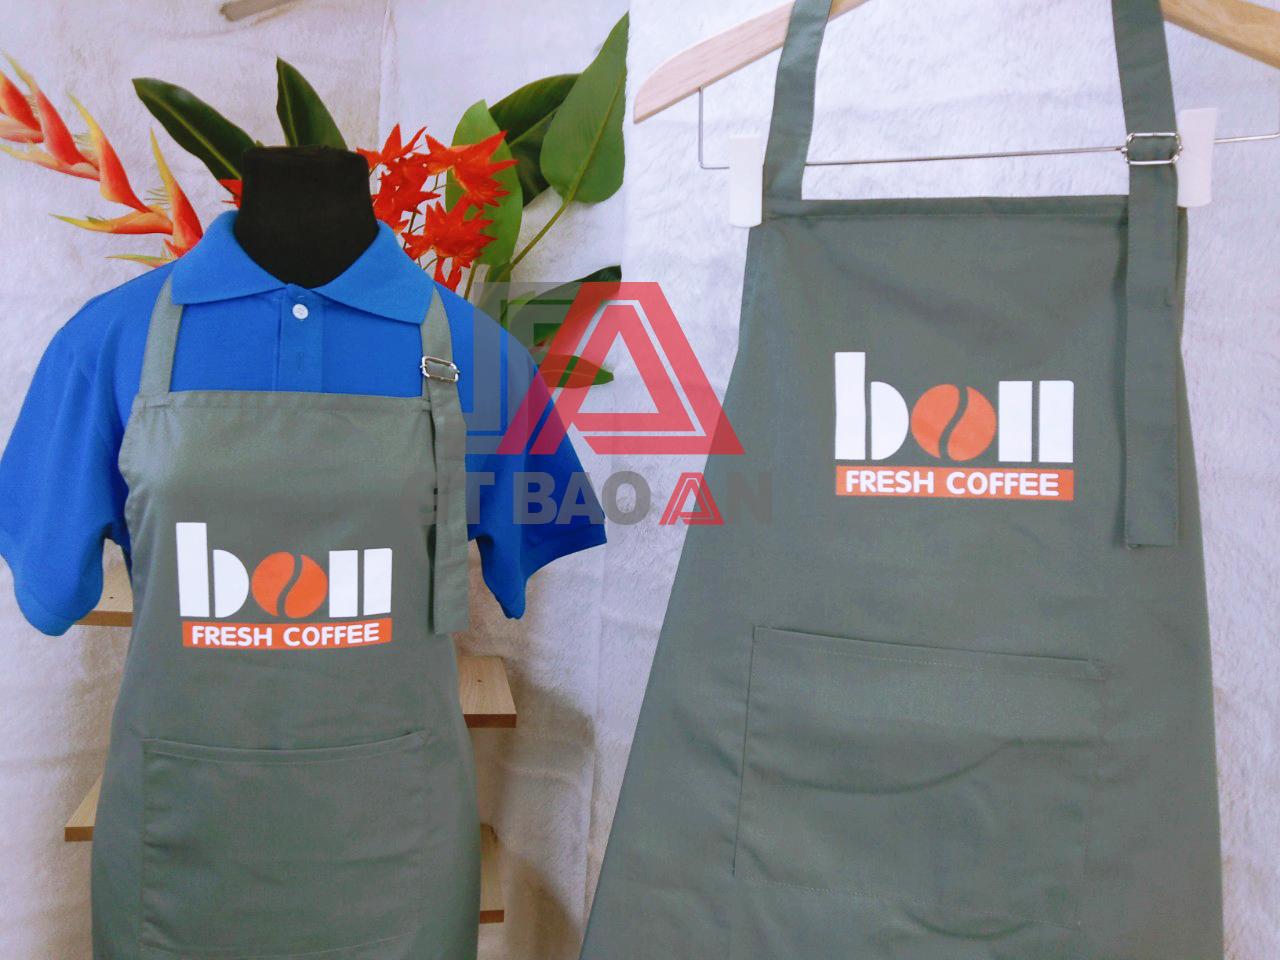 Đồng phục nhân viên phục vụ quán café BON